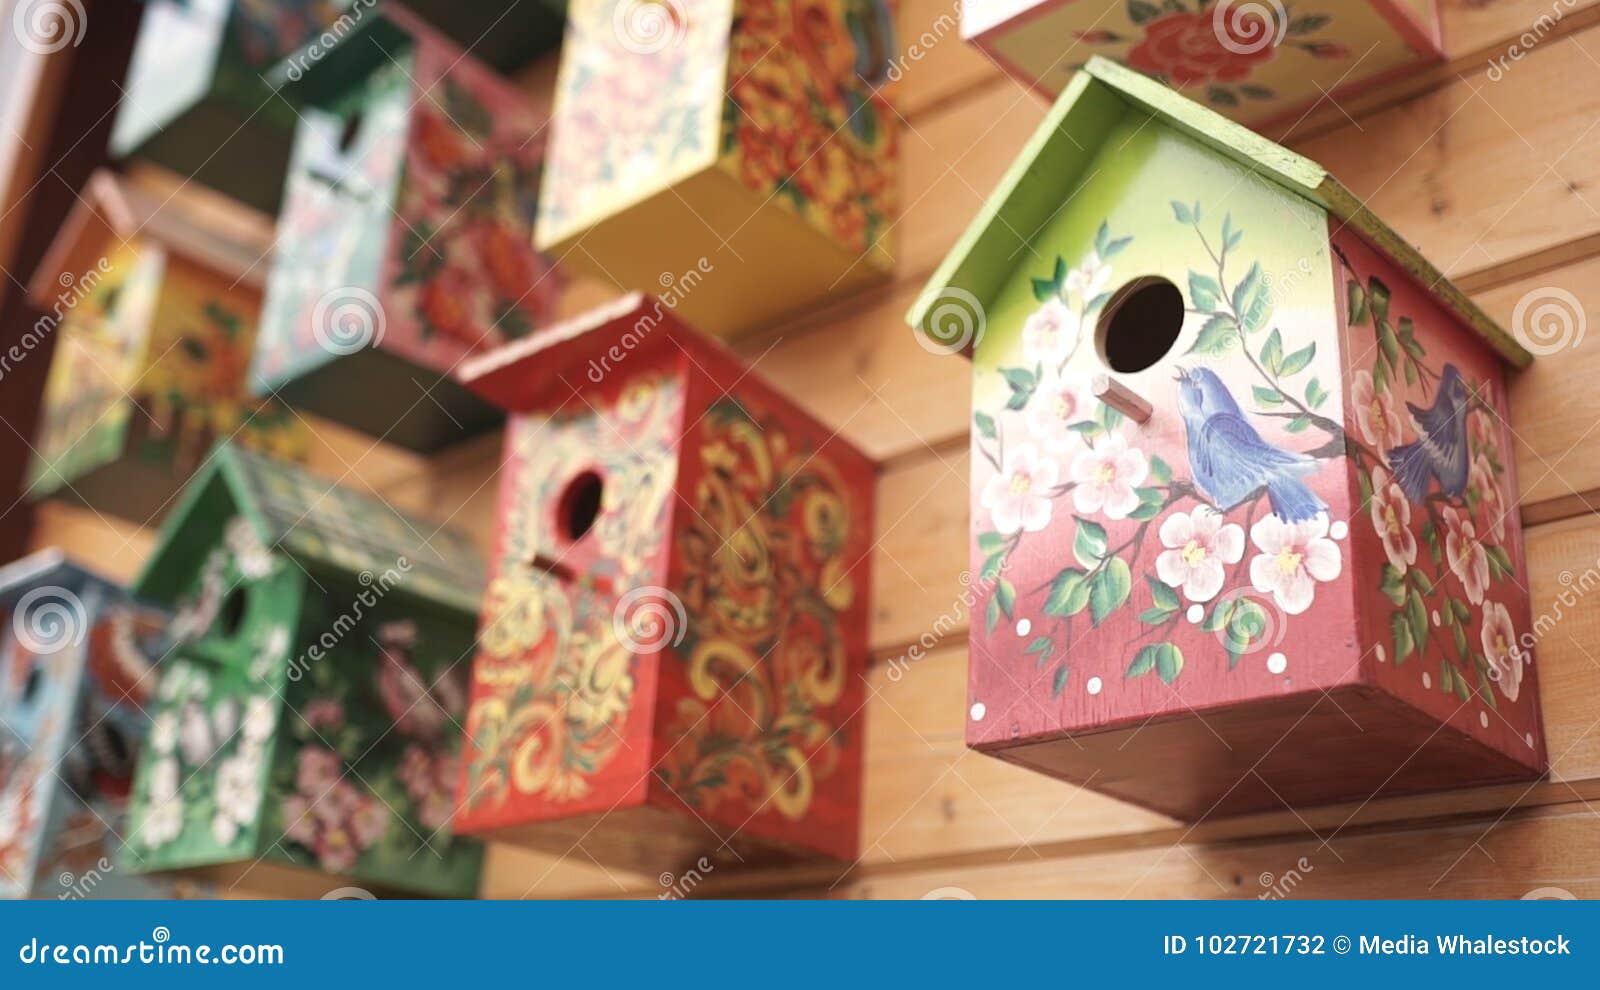 дома птицы цветастые Handmade деревянный birdhouse на доме журнала Birdhouses на стене район Деревянный birdhouse внутри